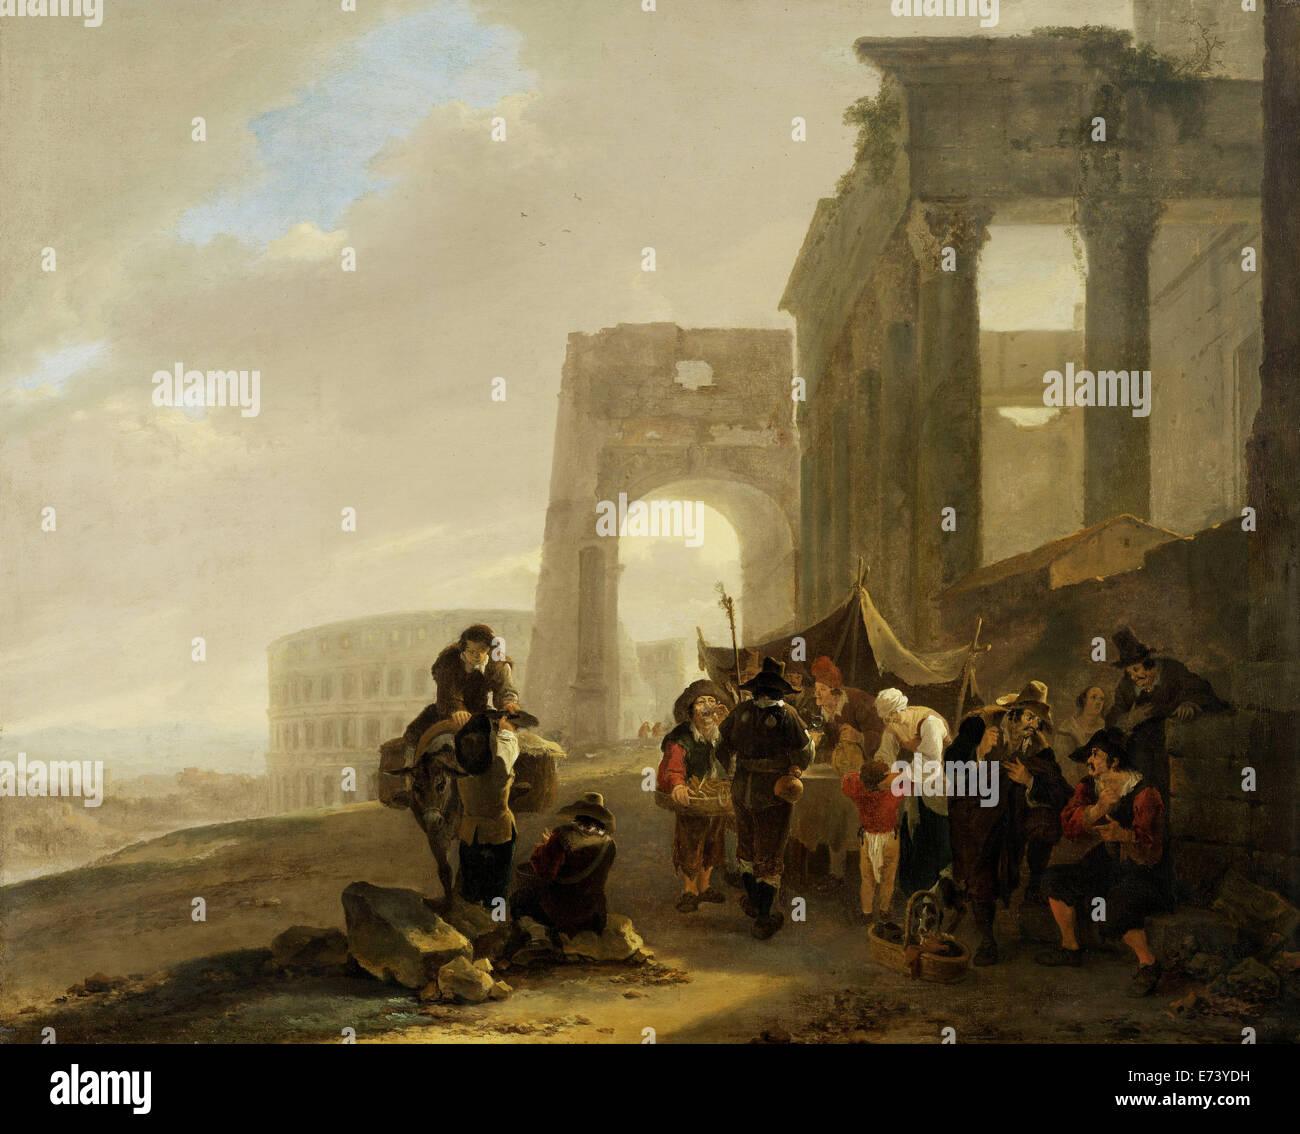 Folk-Szene zwischen römische Ruinen - von Jan beide, 1640-1652 Stockfoto